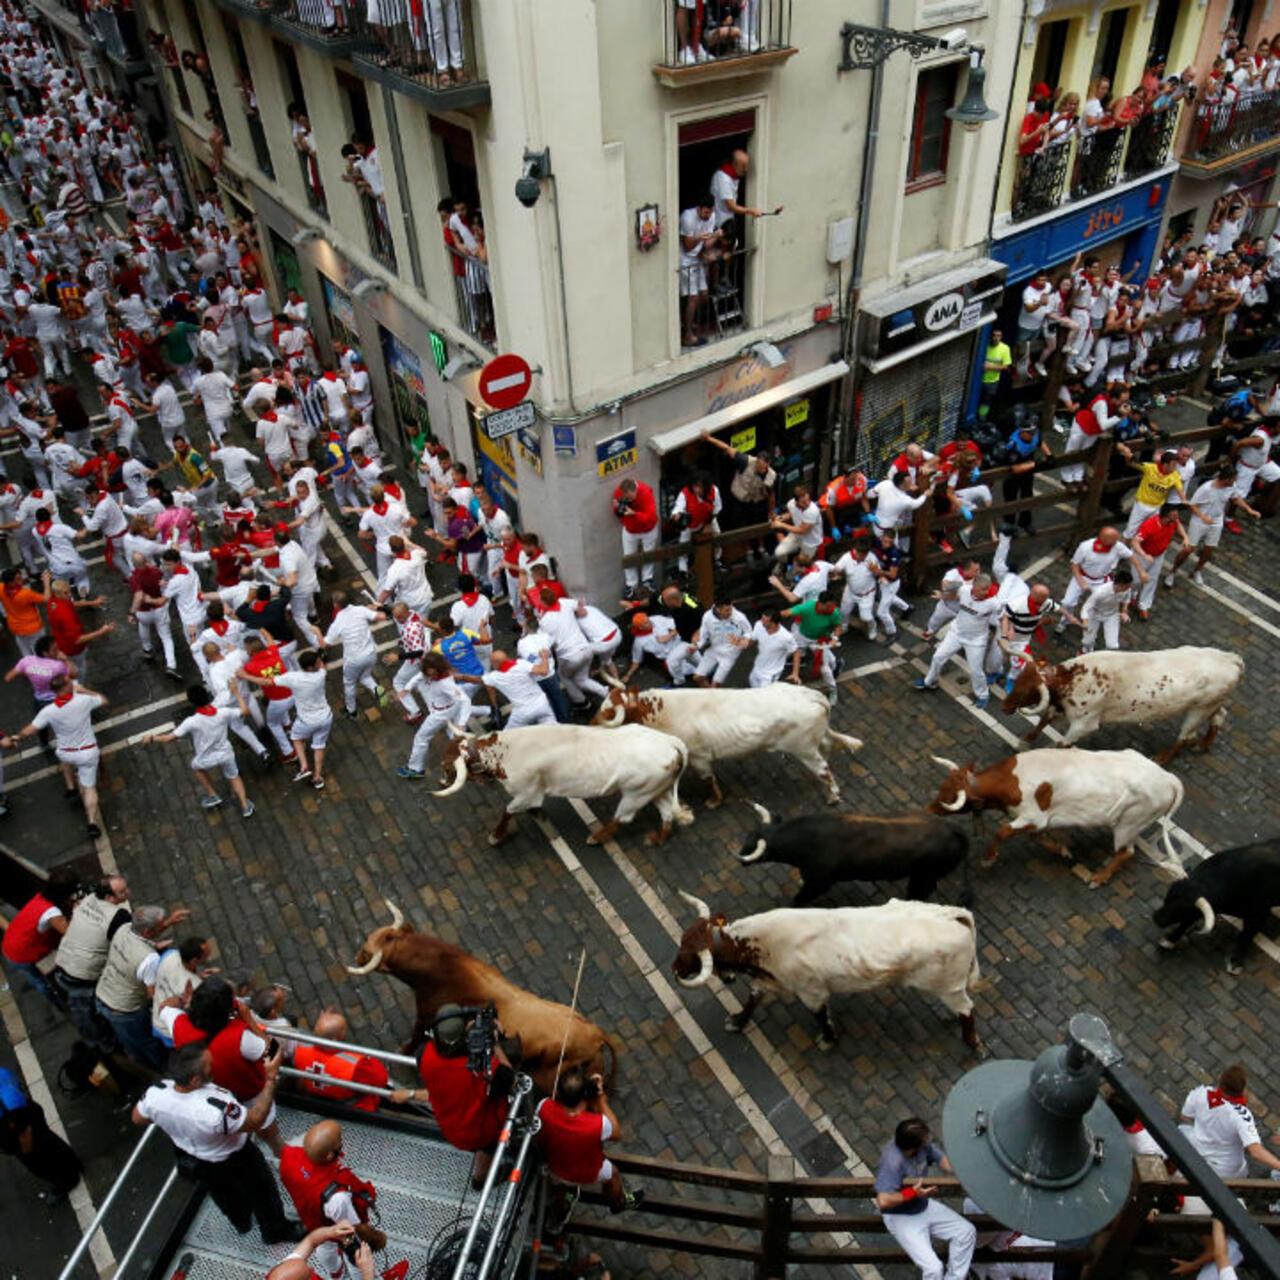 perjudicar artillería dolor de estómago  España: con el grito ¡Viva San Fermín! (y algunos heridos) inician las  fiestas del toro en Pamplona